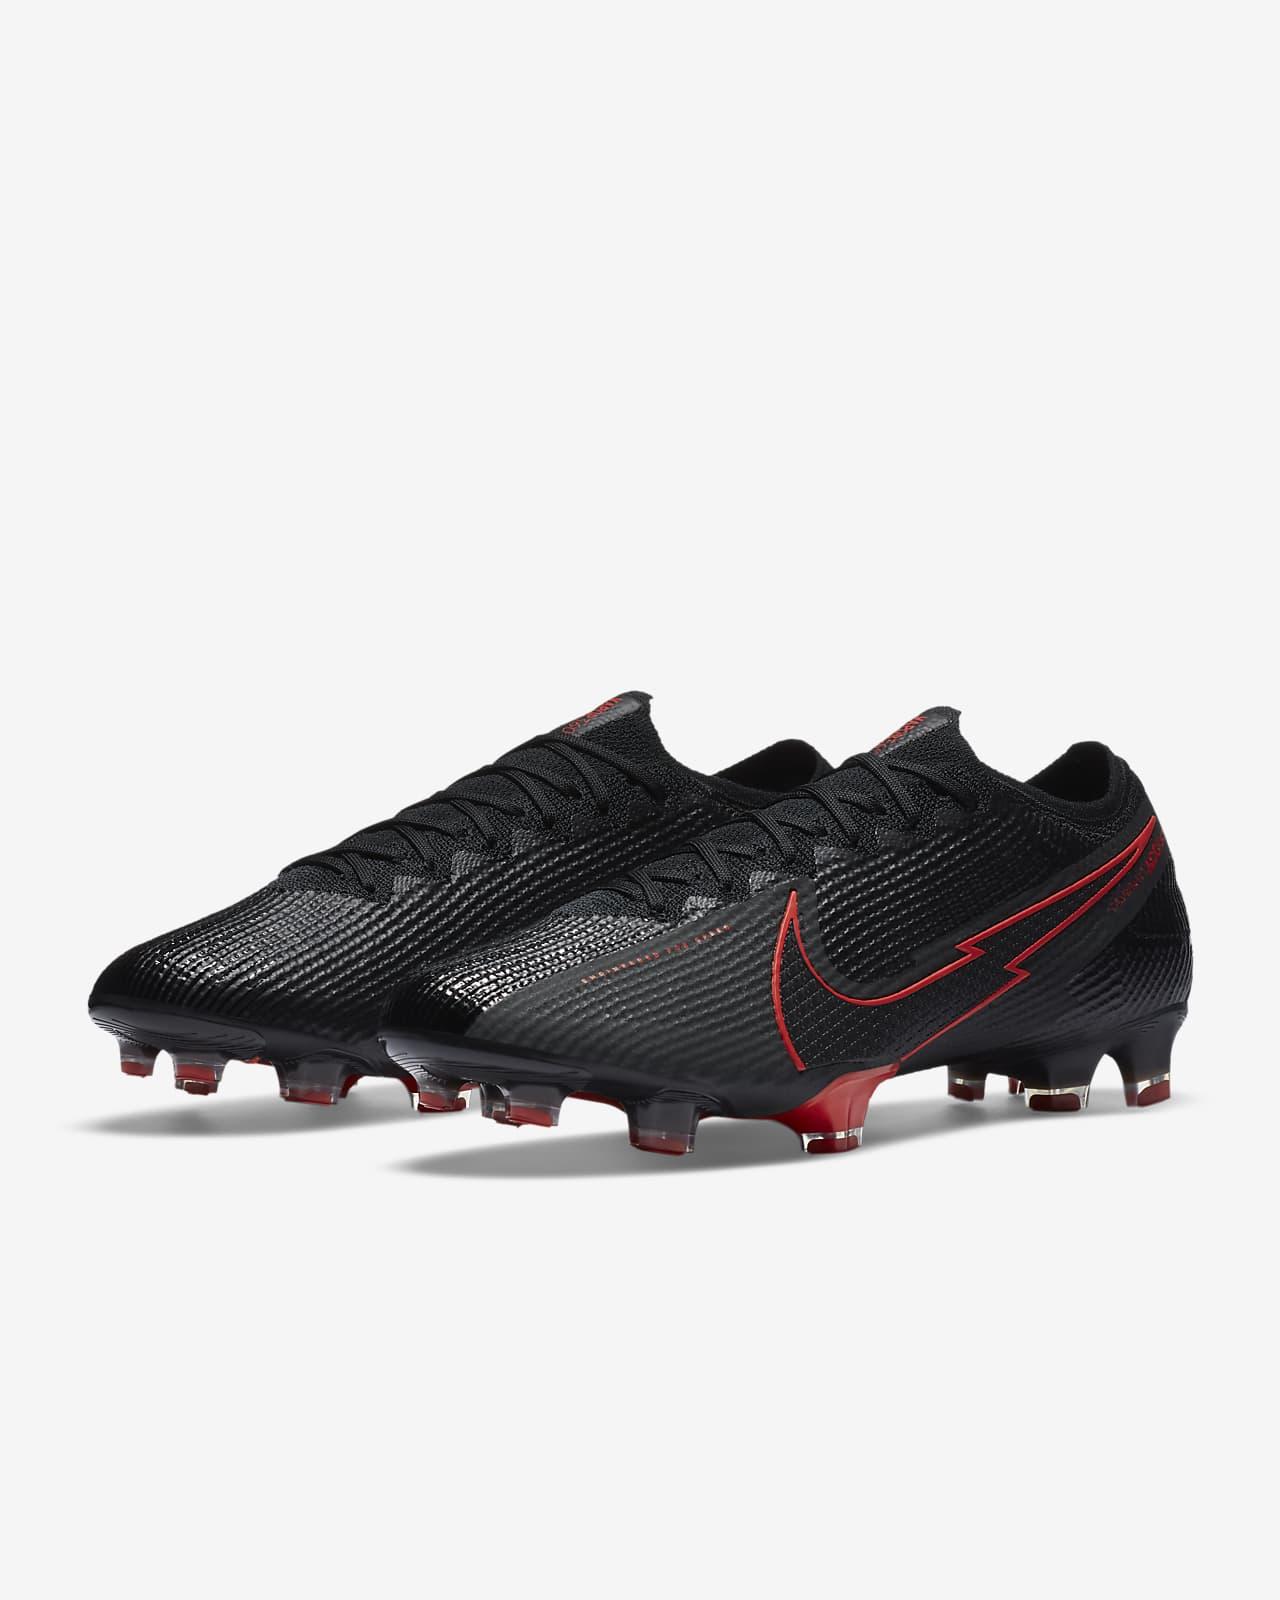 Semejanza Estúpido comer  Nike Mercurial Vapor 13 Elite FG Firm-Ground Football Boot. Nike ZA